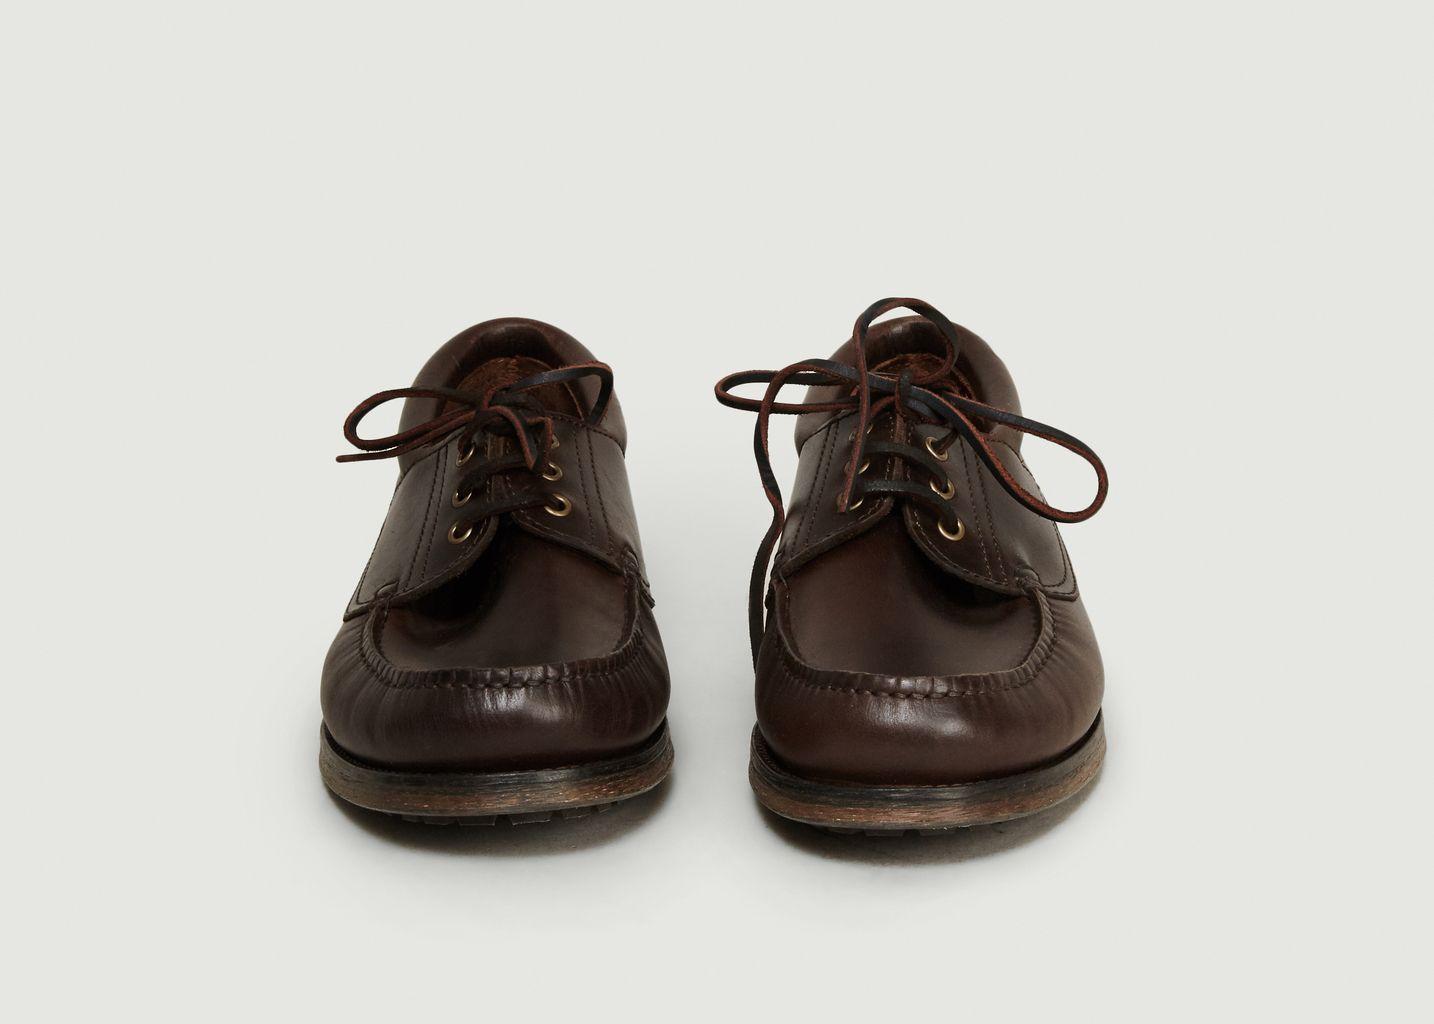 Chaussures Bateau Leon - agnès b.